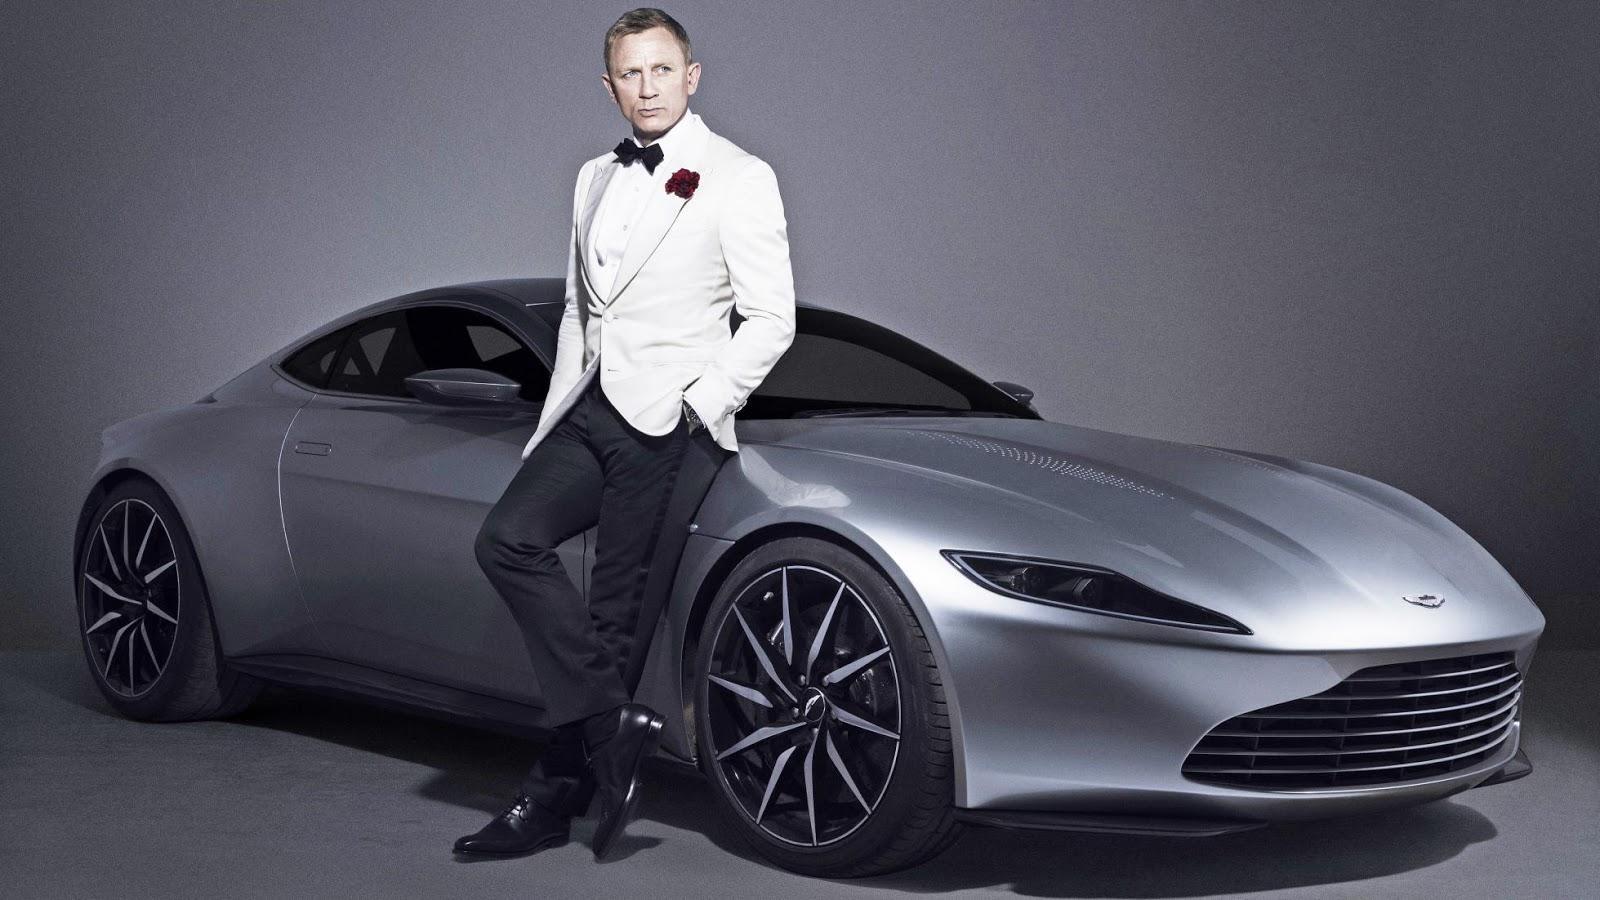 James Bond Daniel Craig sẽ chứng nhận và trao tay chiếc xe này cho người đấu giá thành công